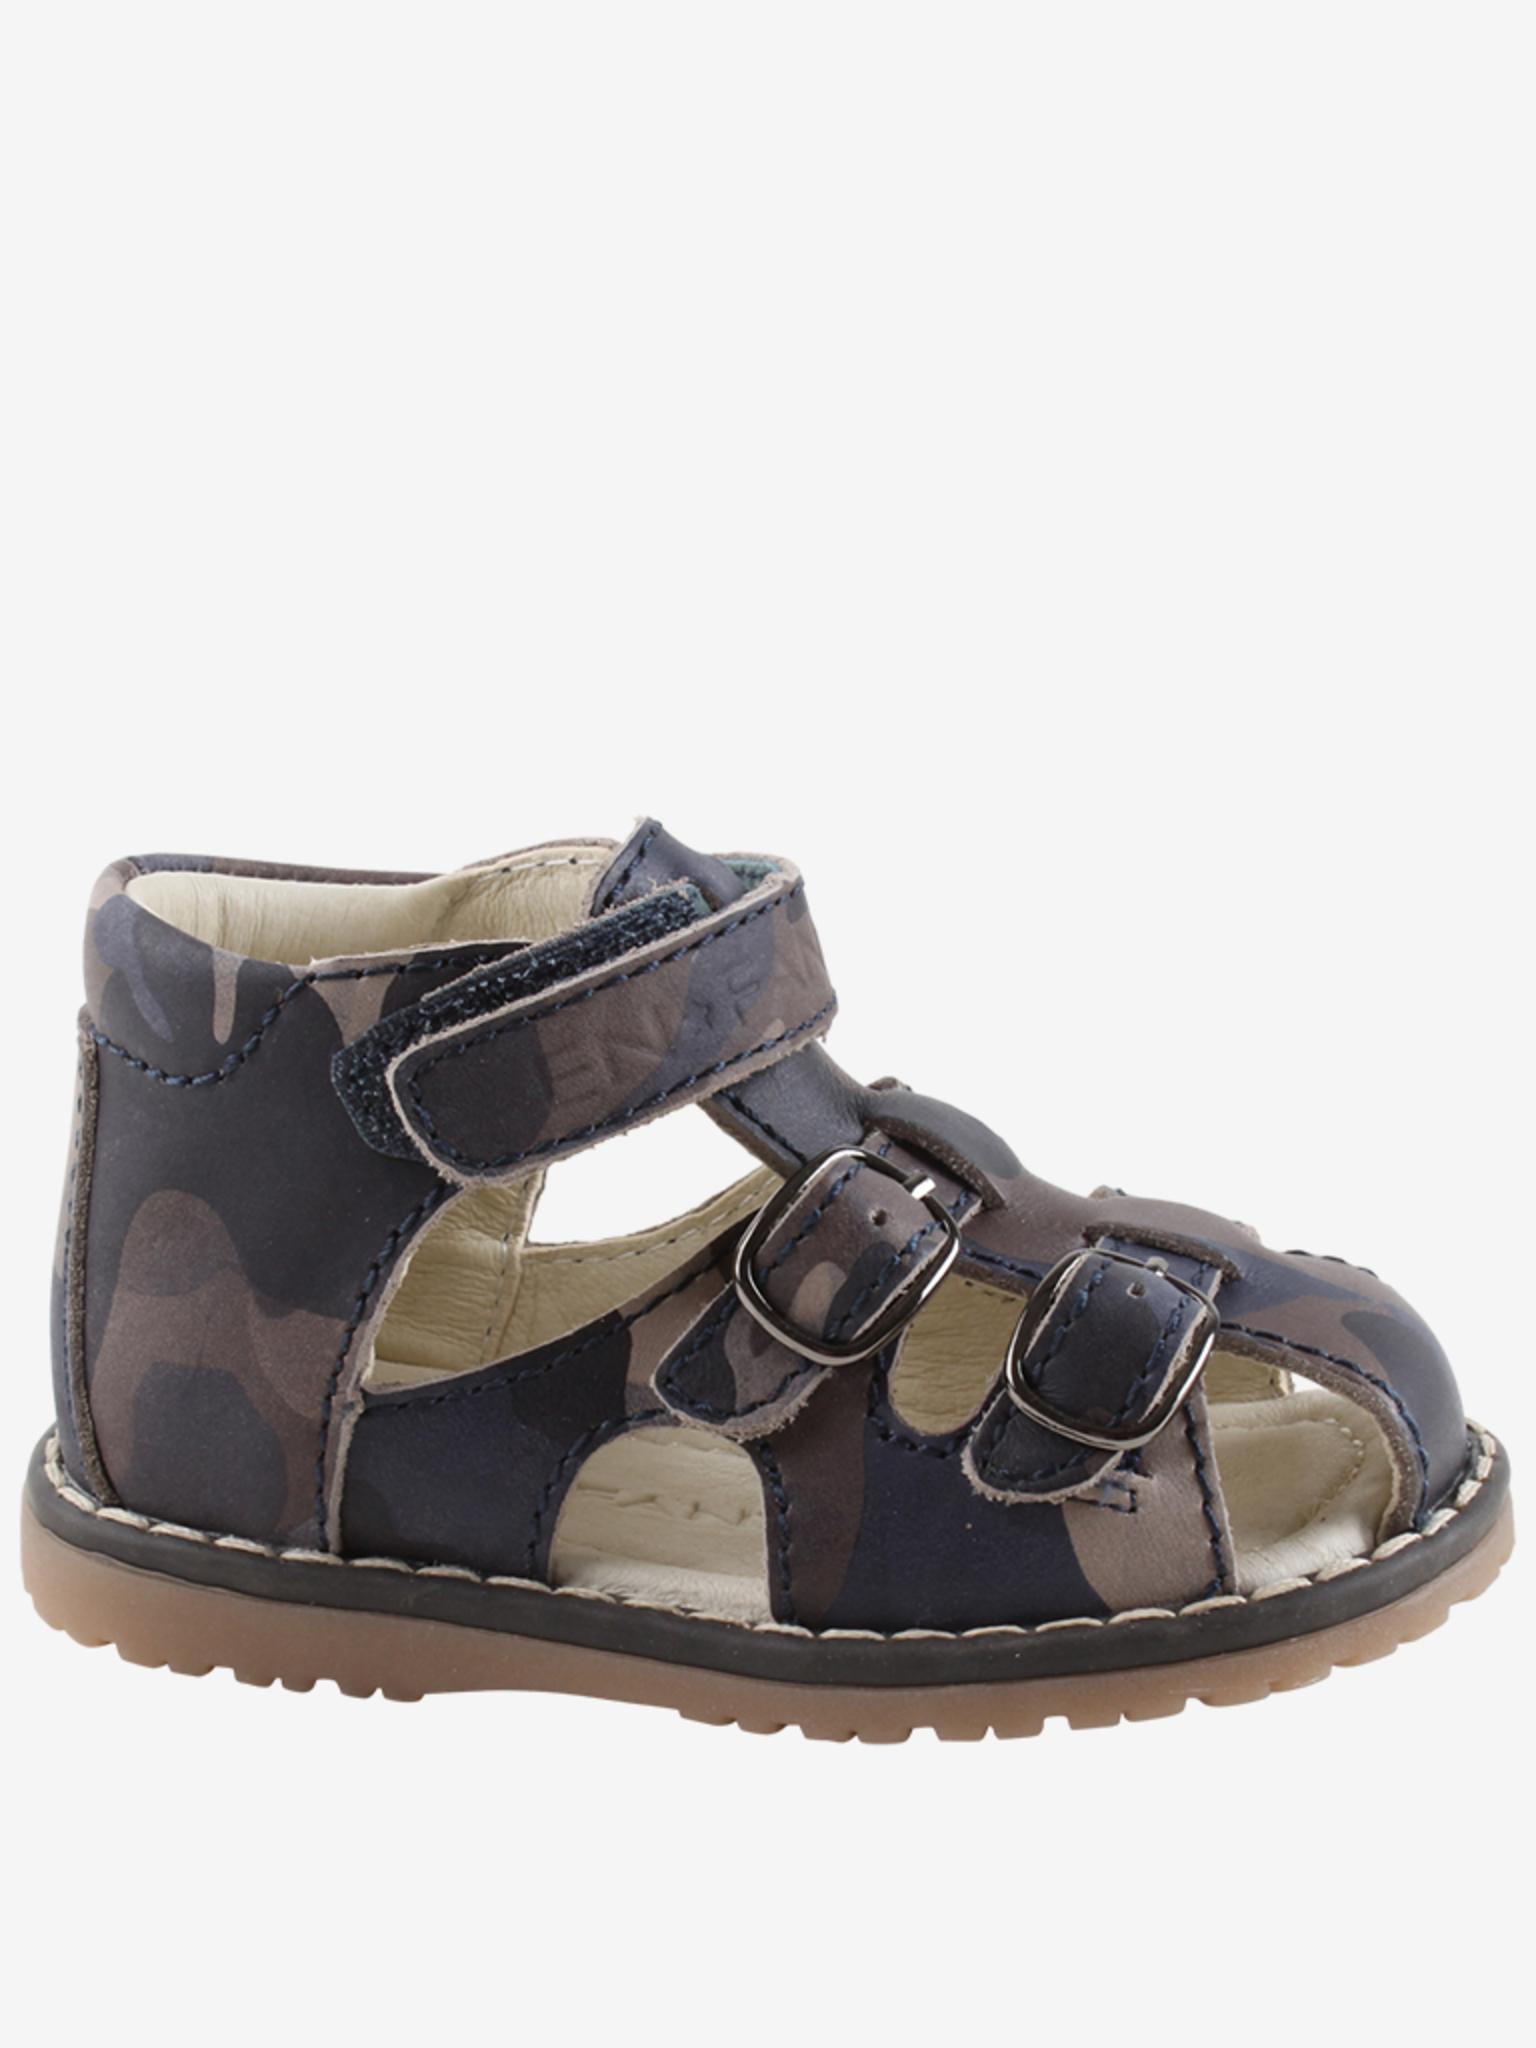 En Fant kojenecké kožené sandálky 815256 - 07